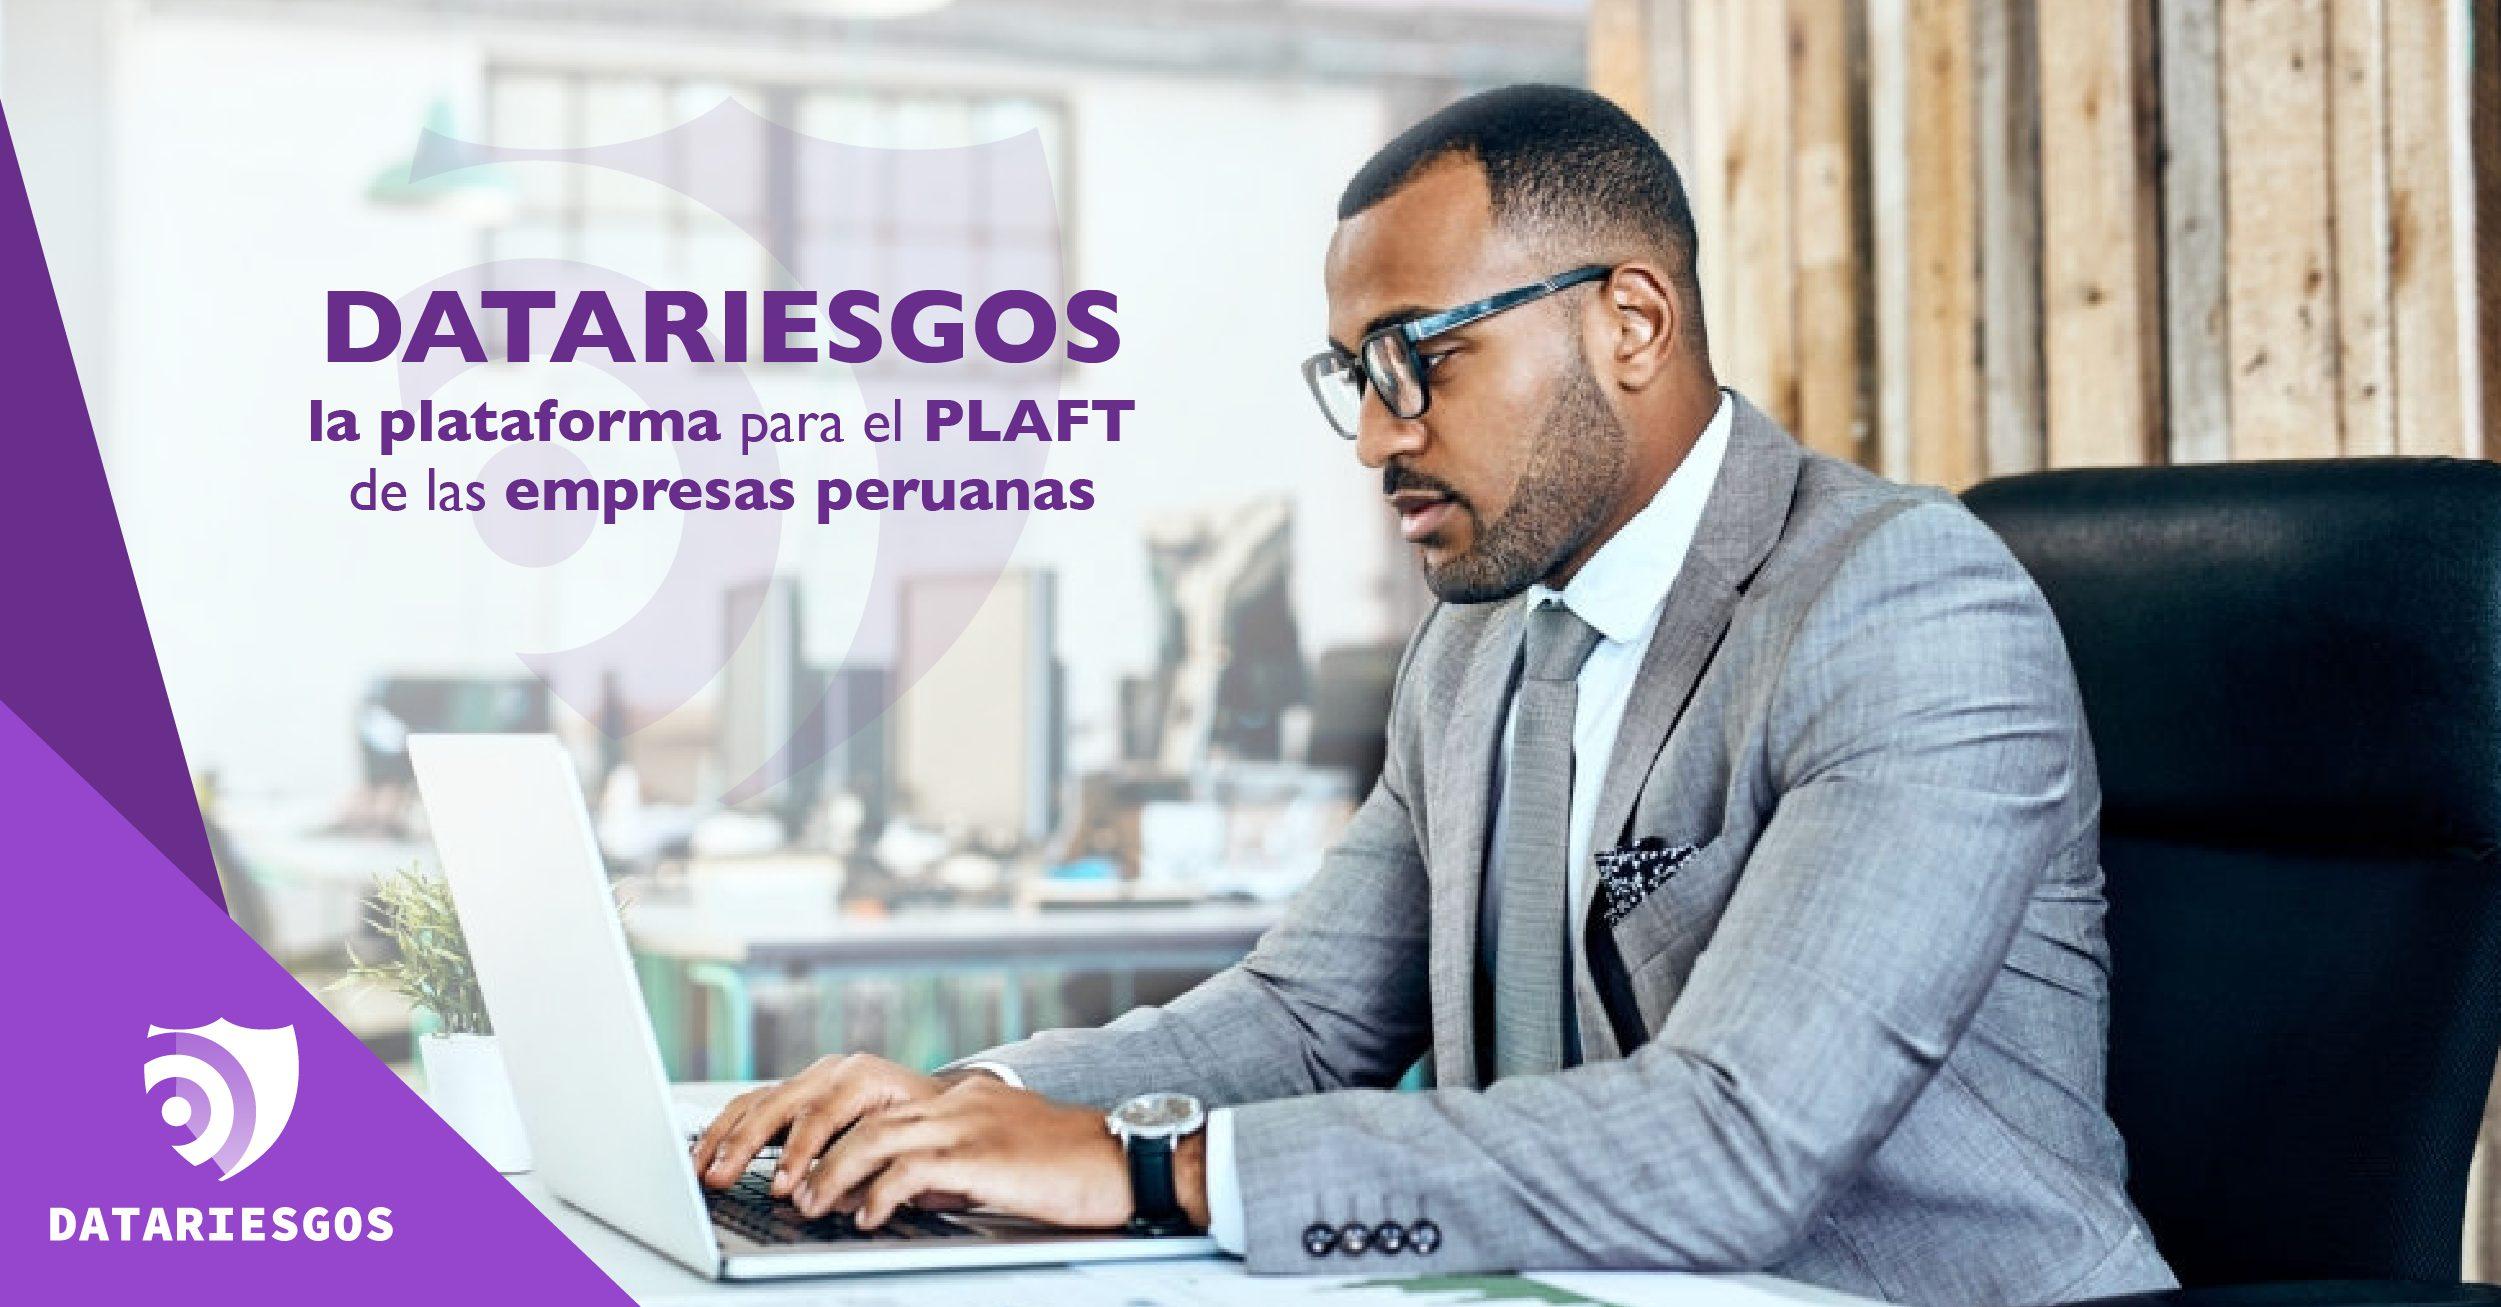 DataRiesgos, la plataforma para el PLAFT de las empresas peruanas